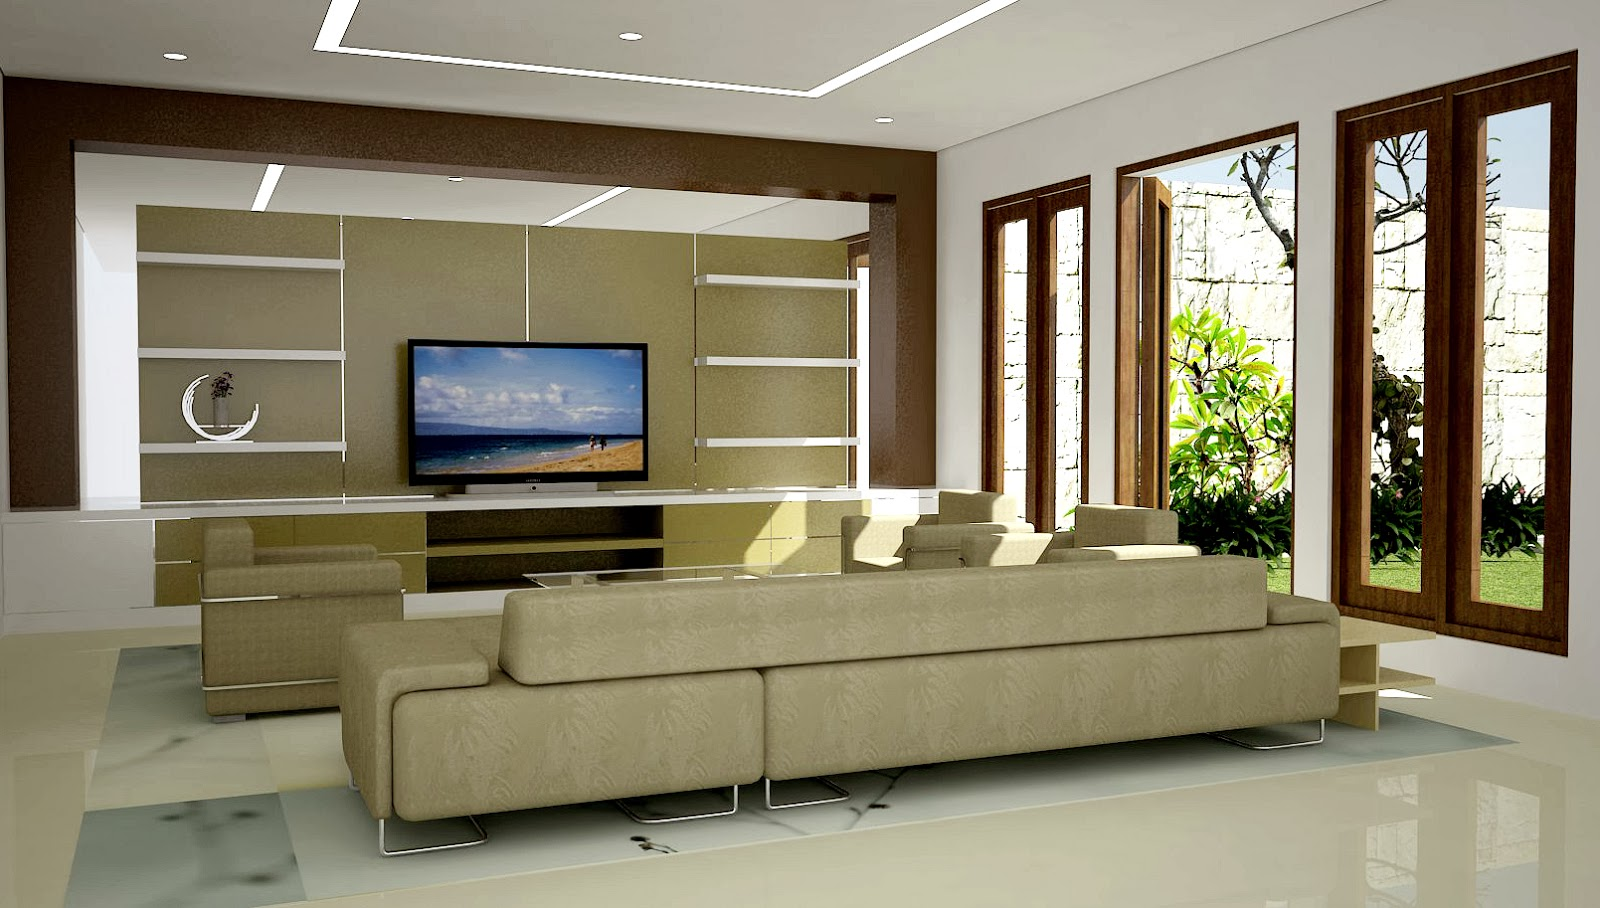 Desain Interior Ruang Keluarga Modern Desain Rumah